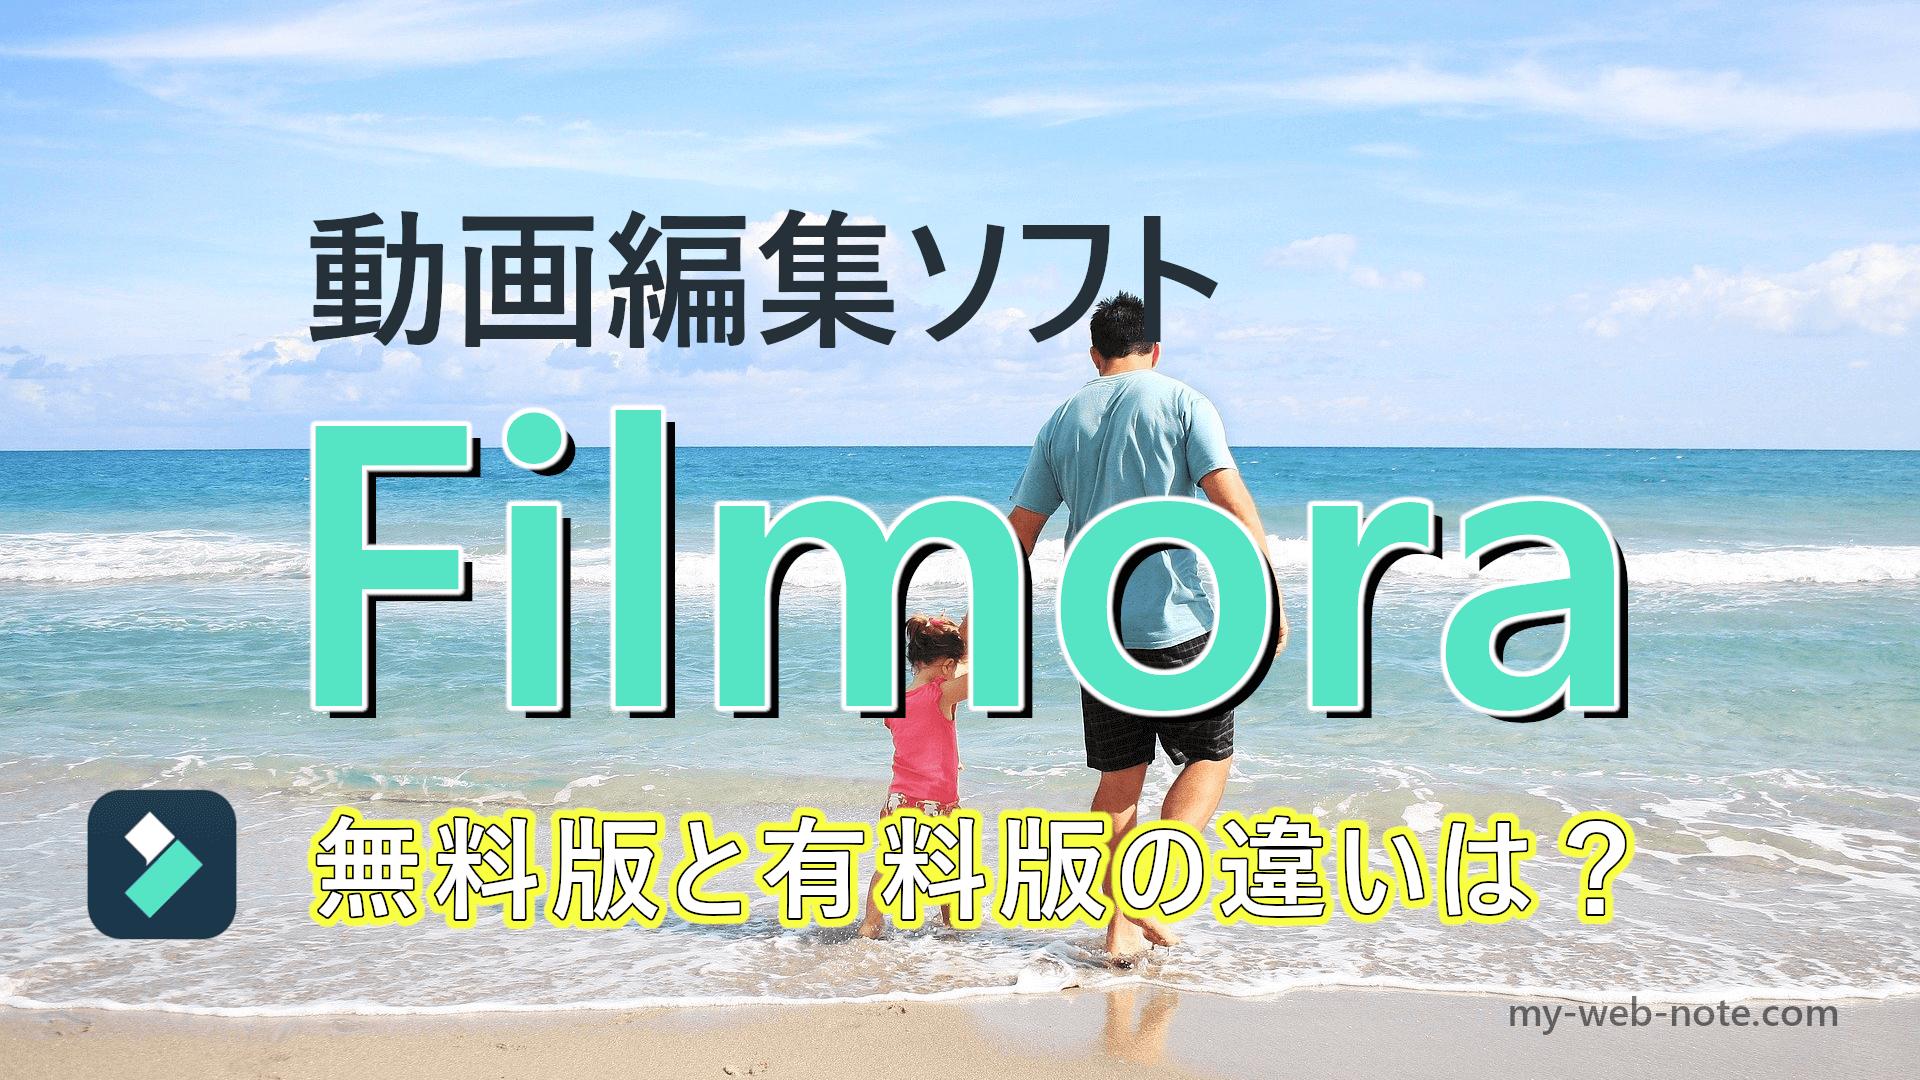 【初心者向け】動画編集ソフト『Filmora』の無料版と有料版の違いは?どのバージョンを使えばいいの?